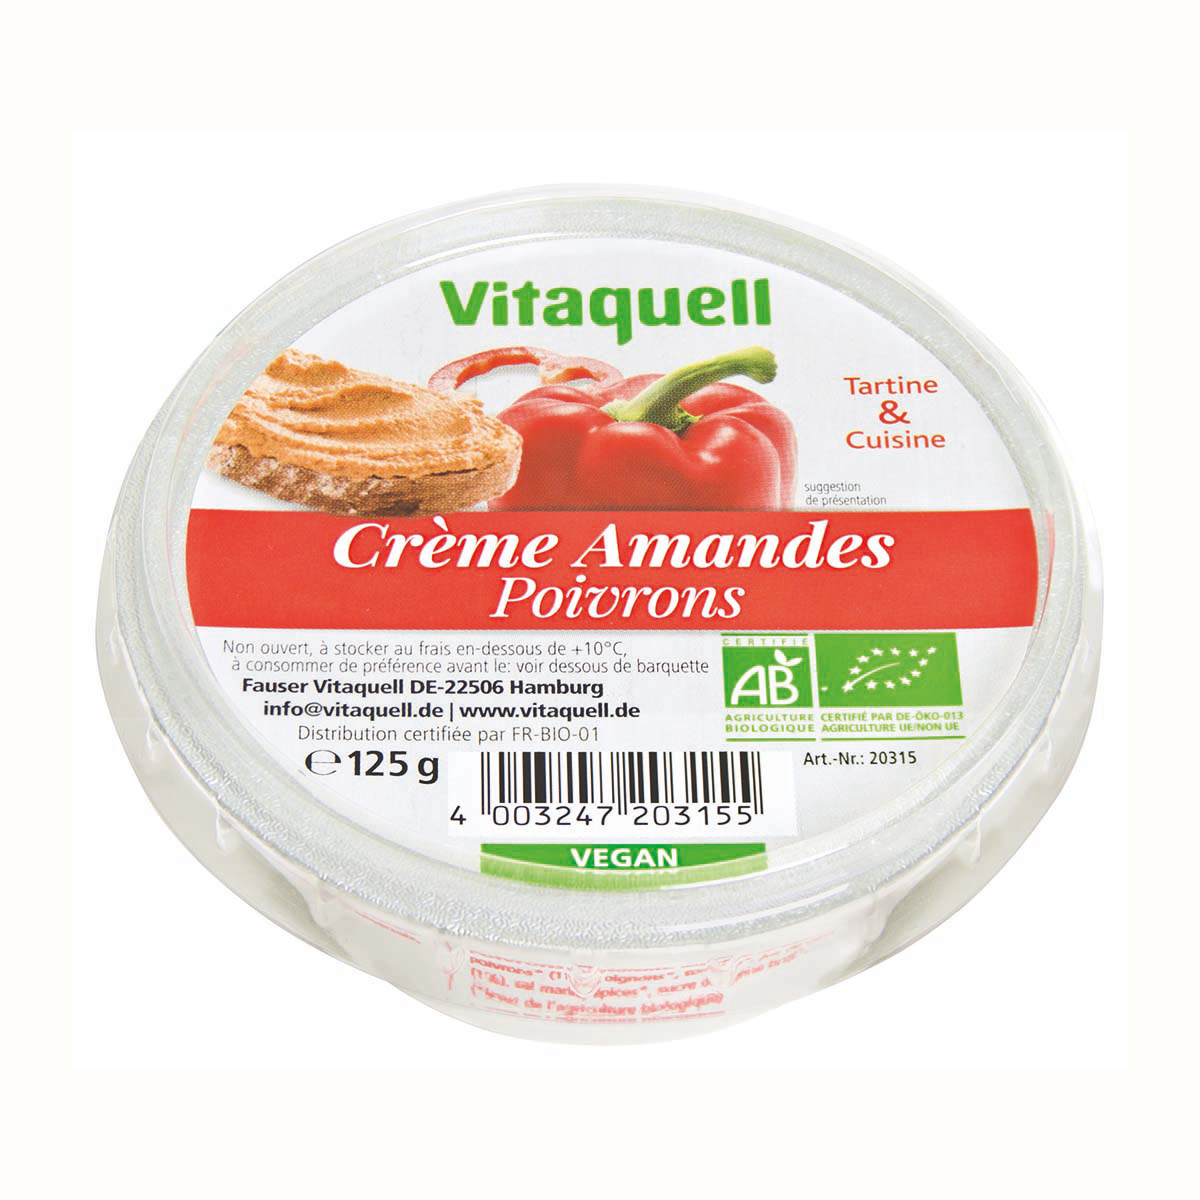 Crème Amandes Poivrons